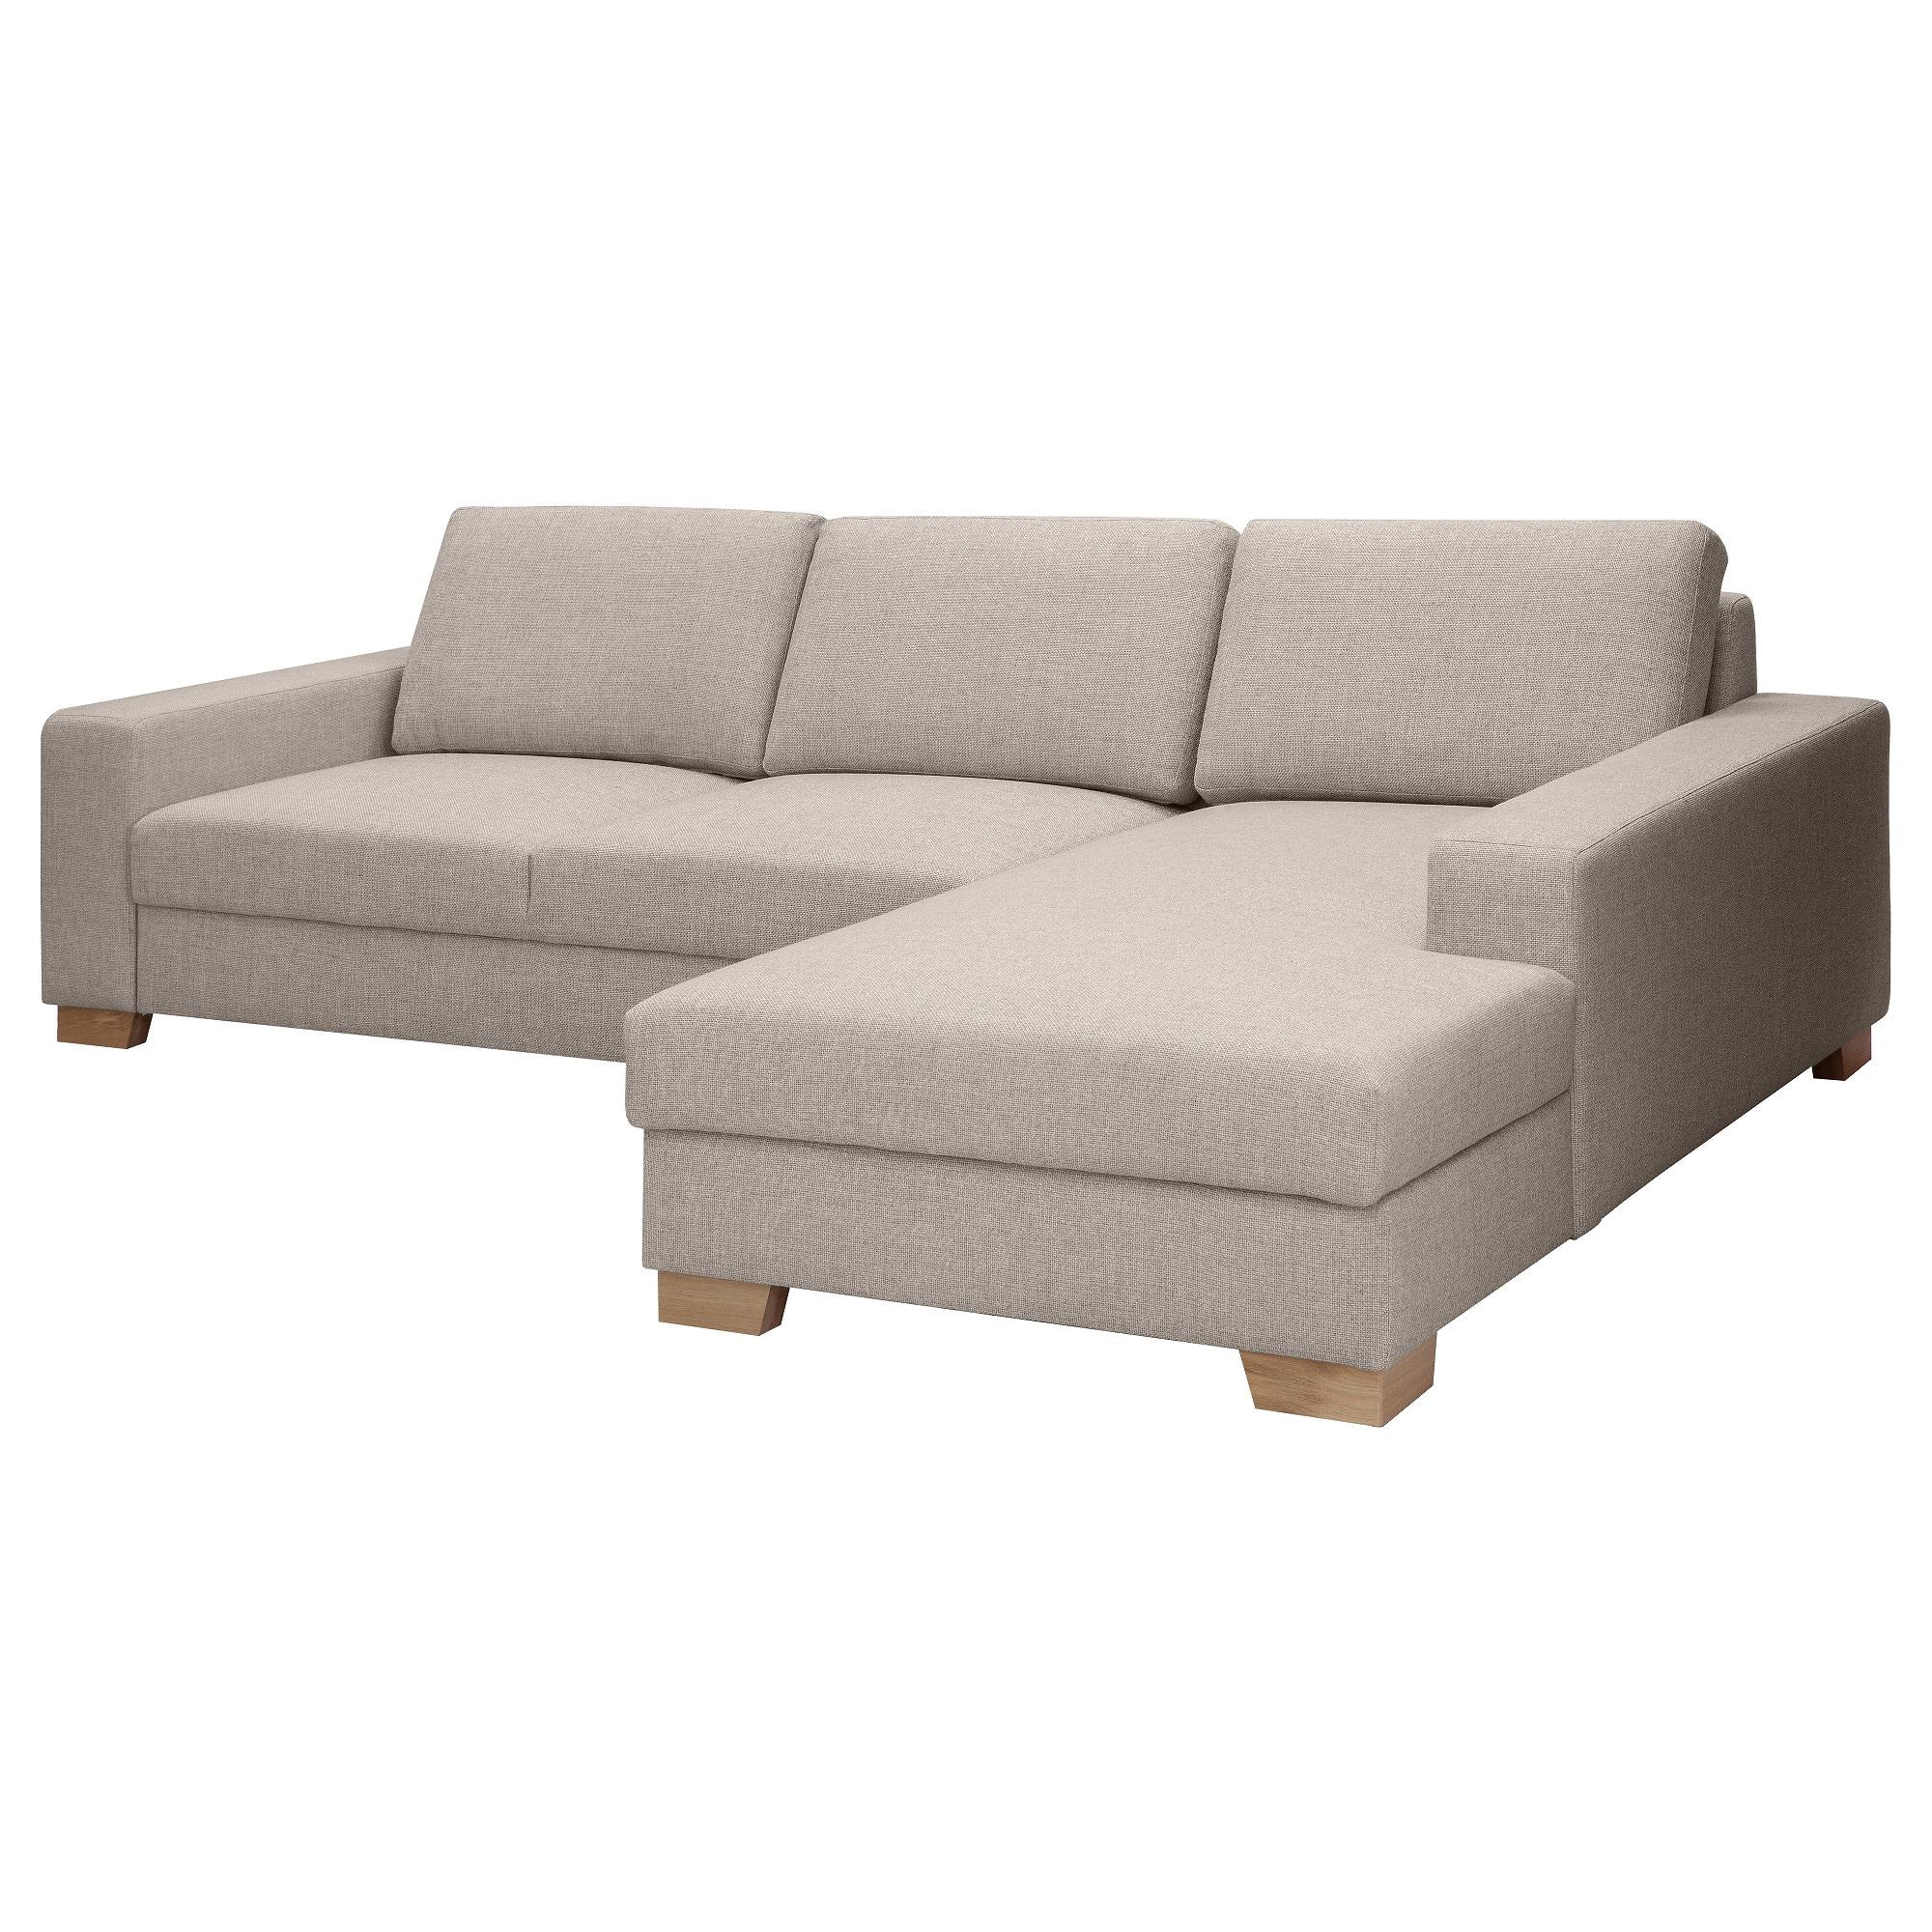 Full Size of Ikea Sofa Mit Schlaffunktion Couch 3er Ecksofa Gebraucht Bettfunktion Und Bettkasten 3 Sitzer Srvallen Ten Rcamiere Rechts Boxspring Bett Rutsche Online Kaufen Sofa Ikea Sofa Mit Schlaffunktion